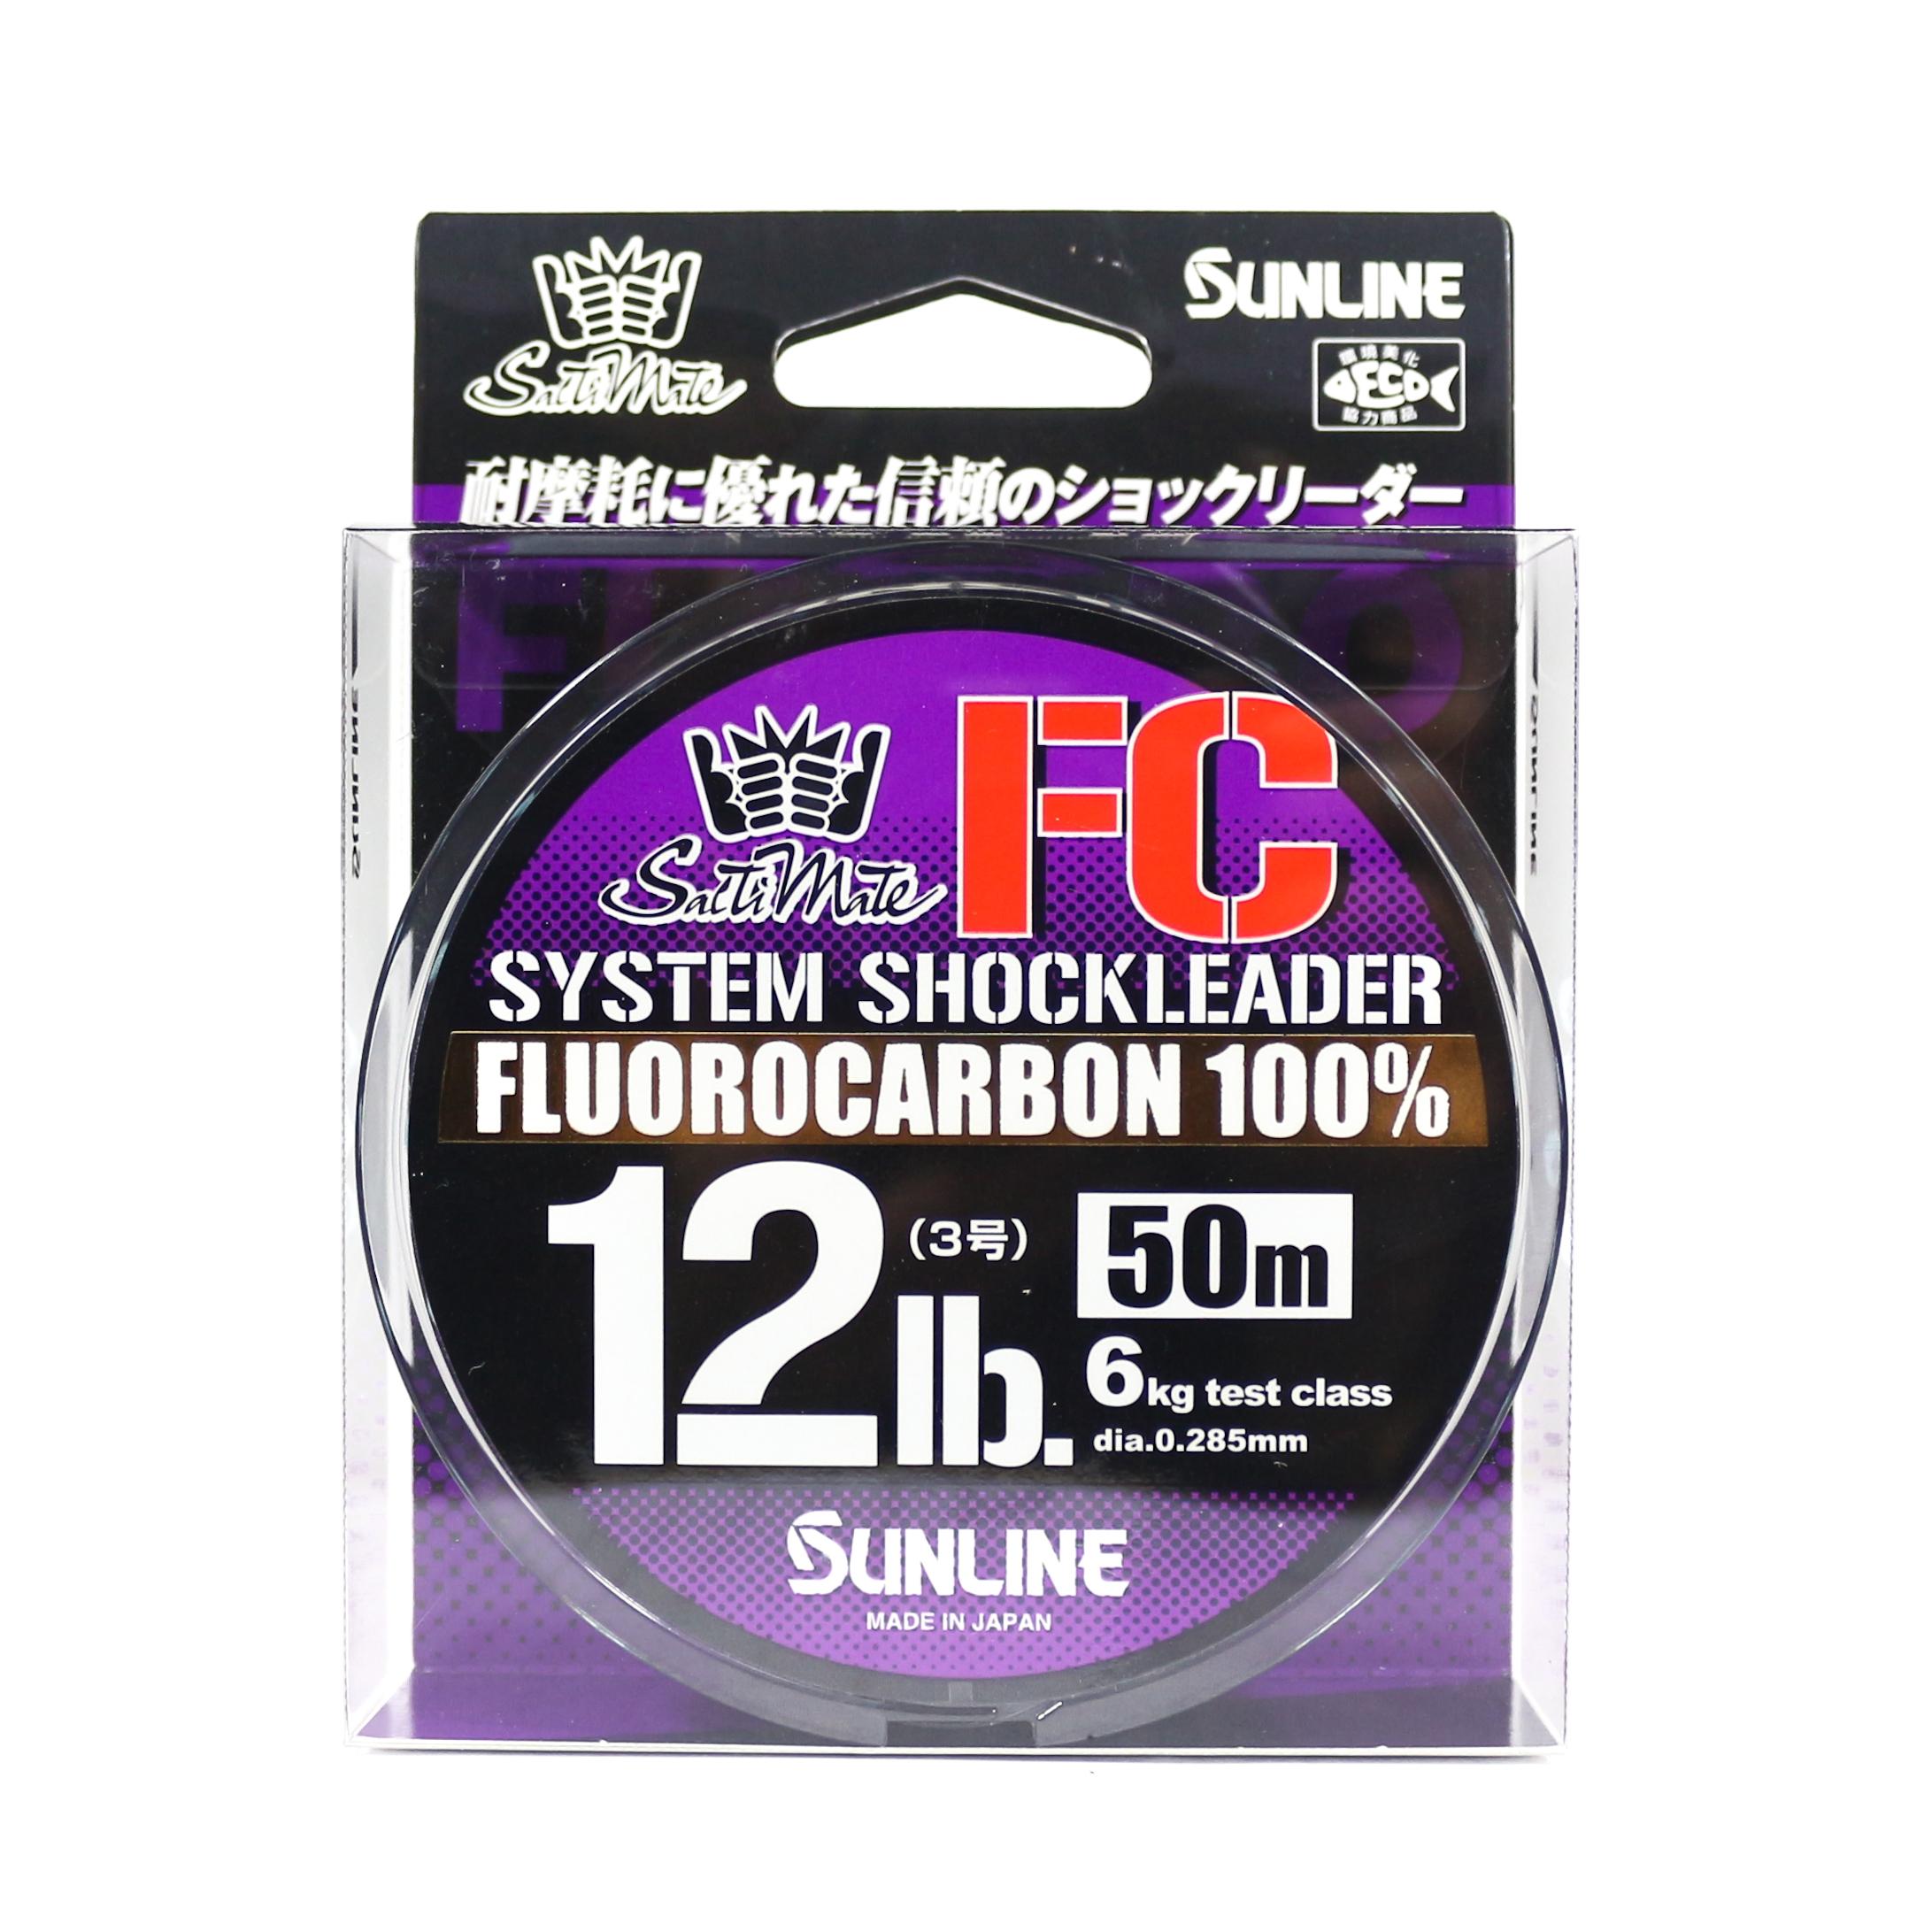 Sunline Saltwater System Shock Leader Fluorocarbon FC 50m 12lb (9147)